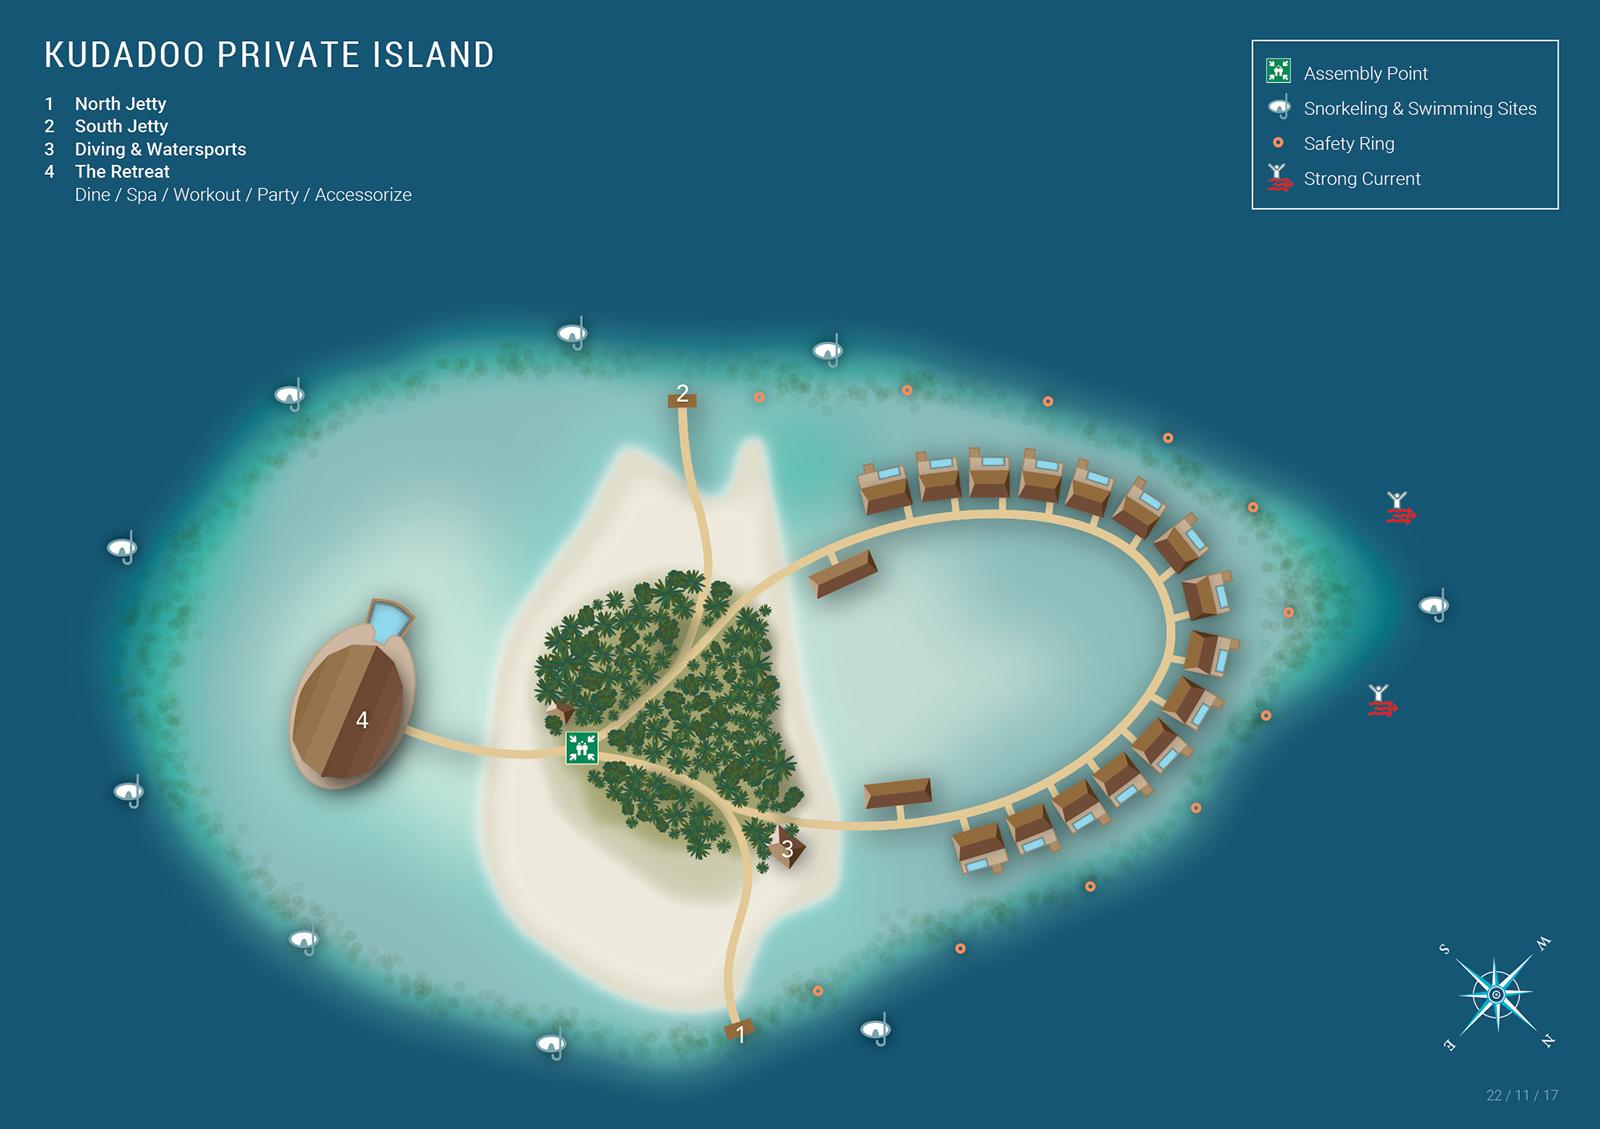 马尔代夫 库达度私人岛 Kudadoo 平面地图查看